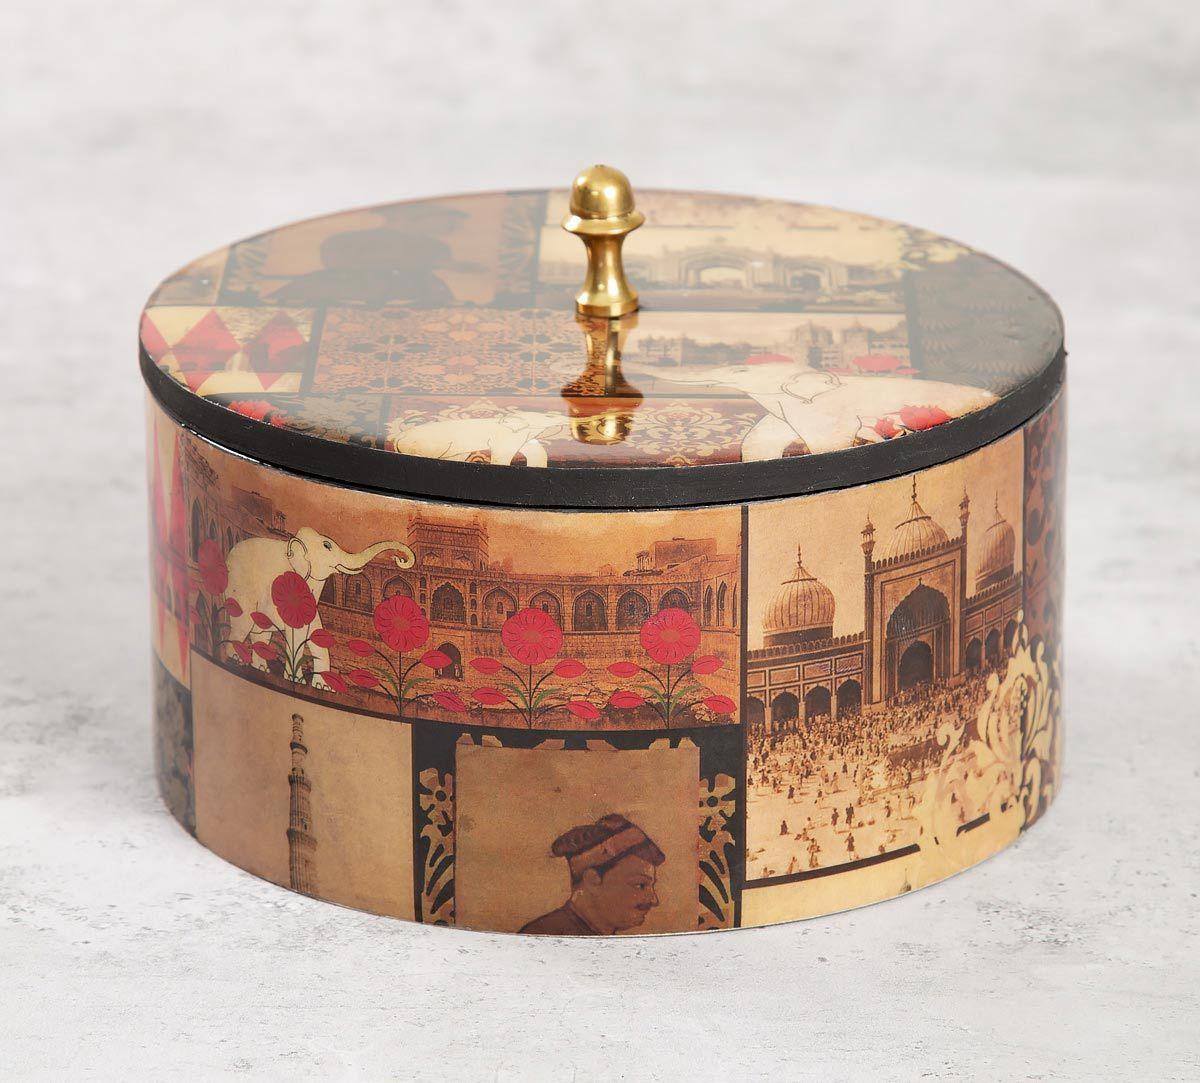 India Circus The Mughal Era Round Storage Box